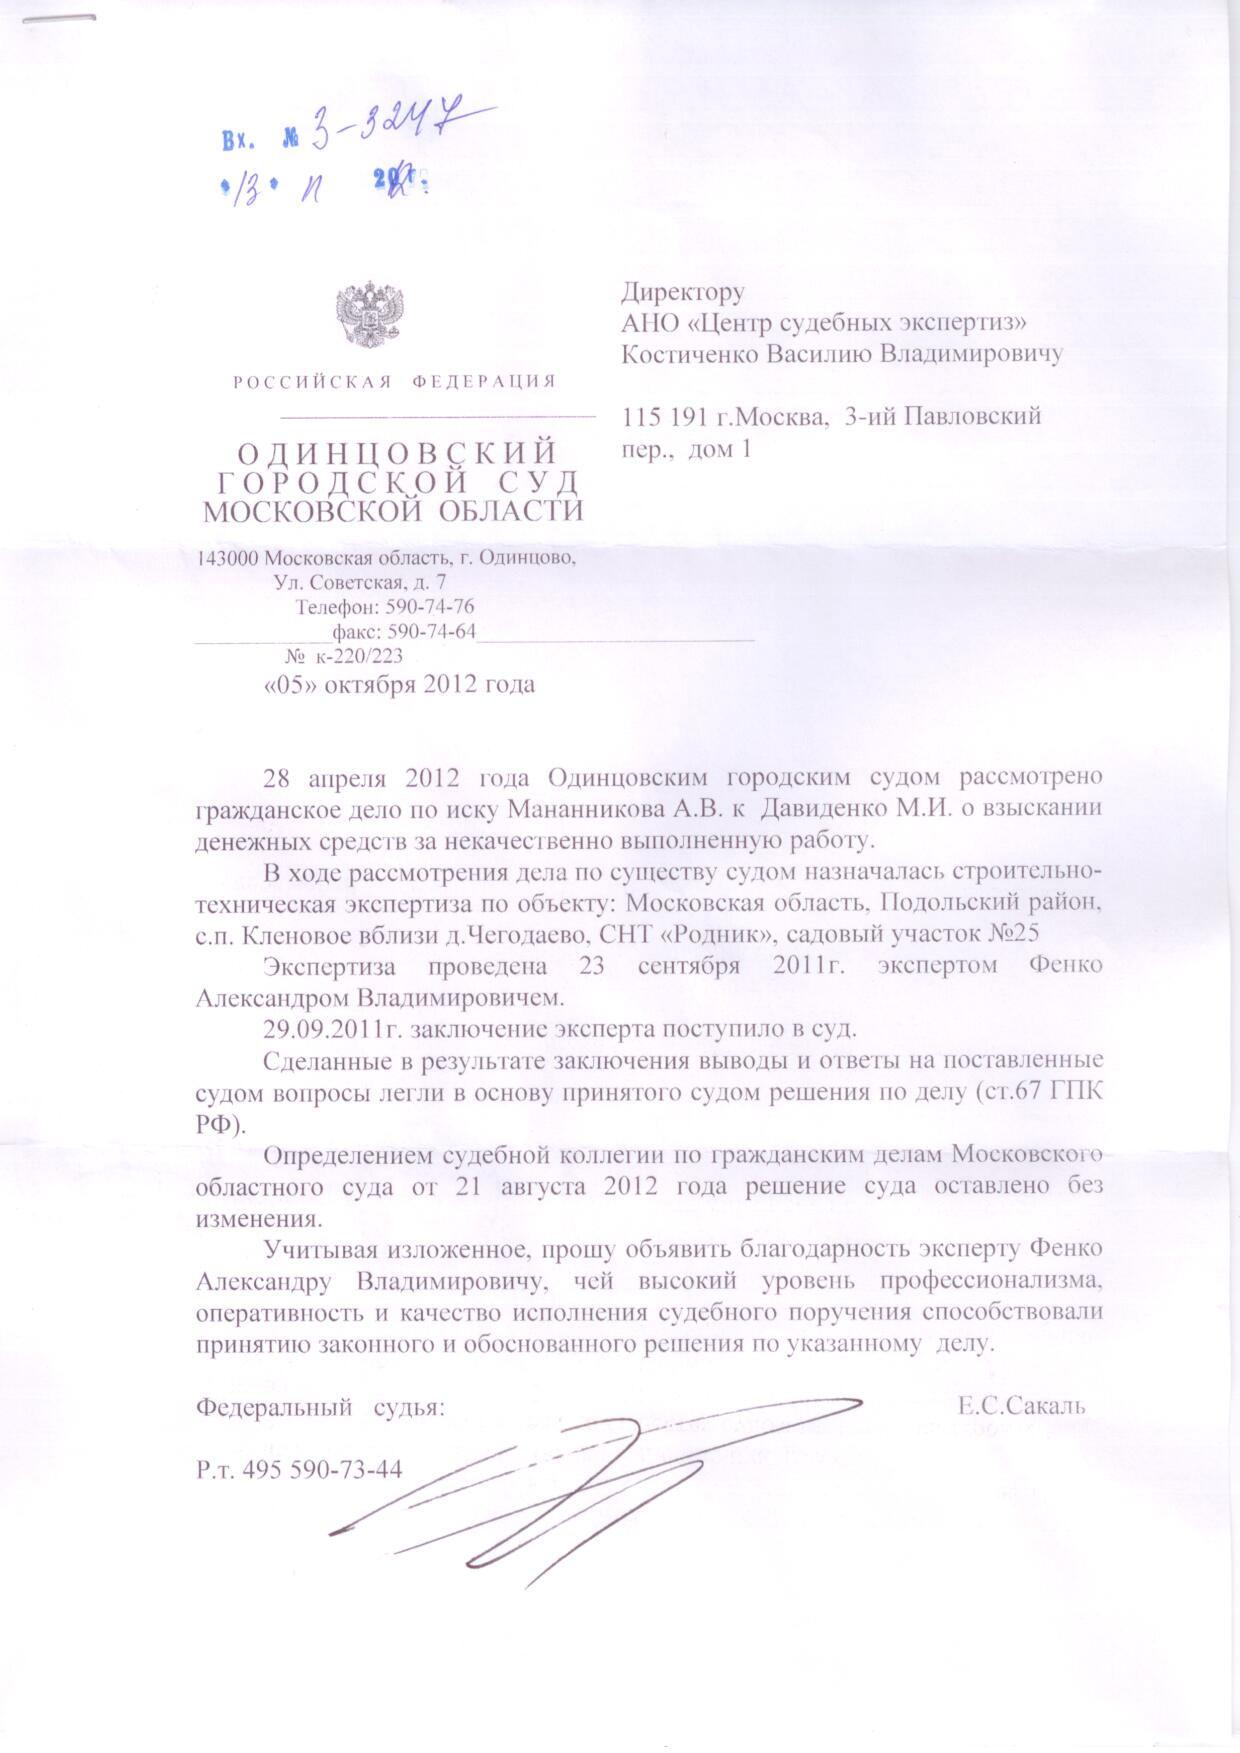 http://cse.bget.ru/grat/Moskva_002.jpg